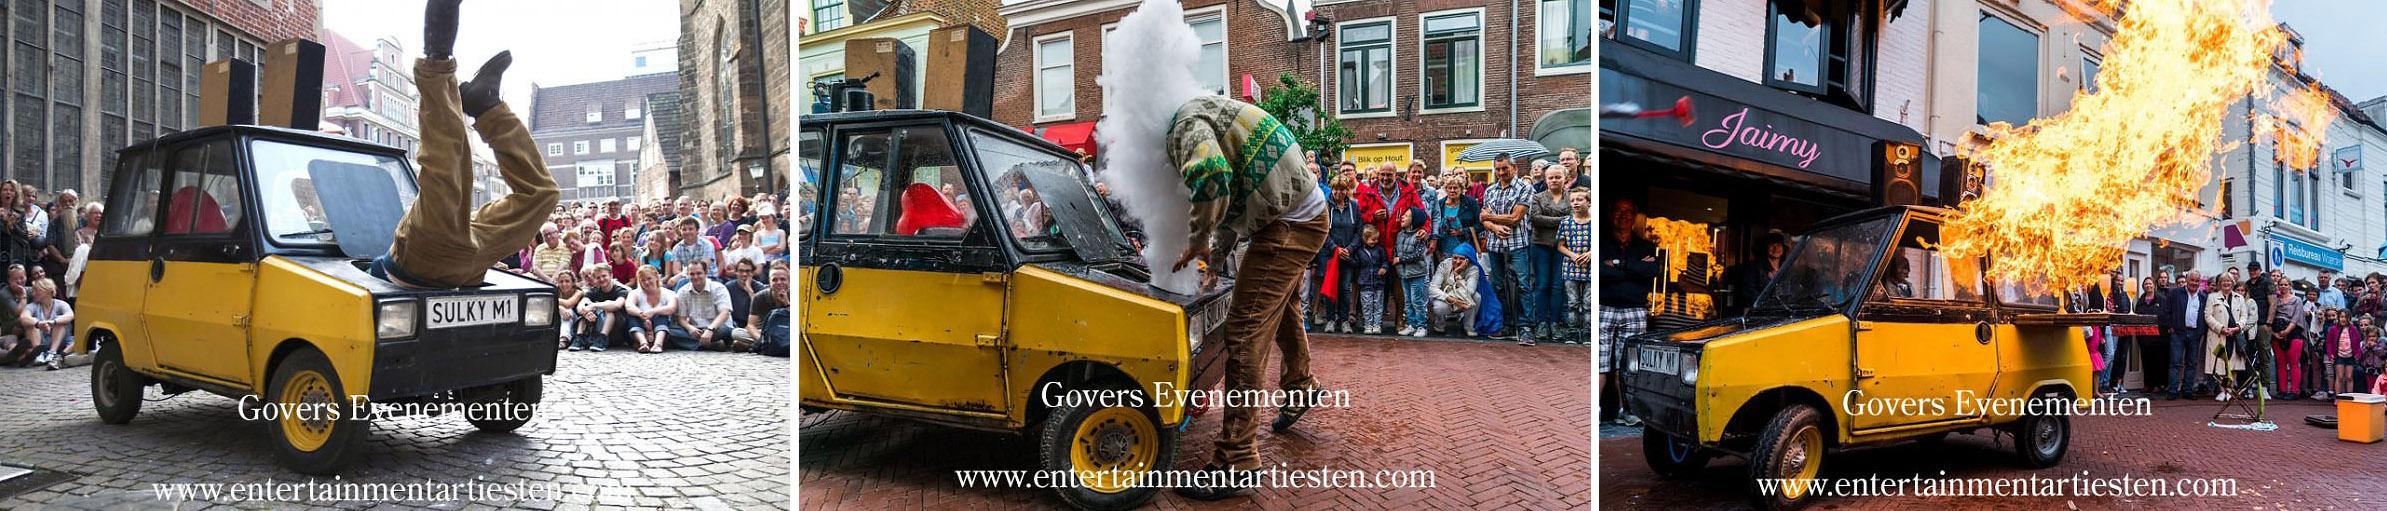 Herby? Een eigenzinnige man duikt onverwacht op in het straatbeeld met zijn Sulky. De man trekt veel bekijks met zijn kleine autootje. Straattheater, straatartiesten, vuurspektakel, vuurshow, straatact, acteurs, autoshow met vuur en humor, straattheater, Govers Evenementen, www.goversartiesten.nl